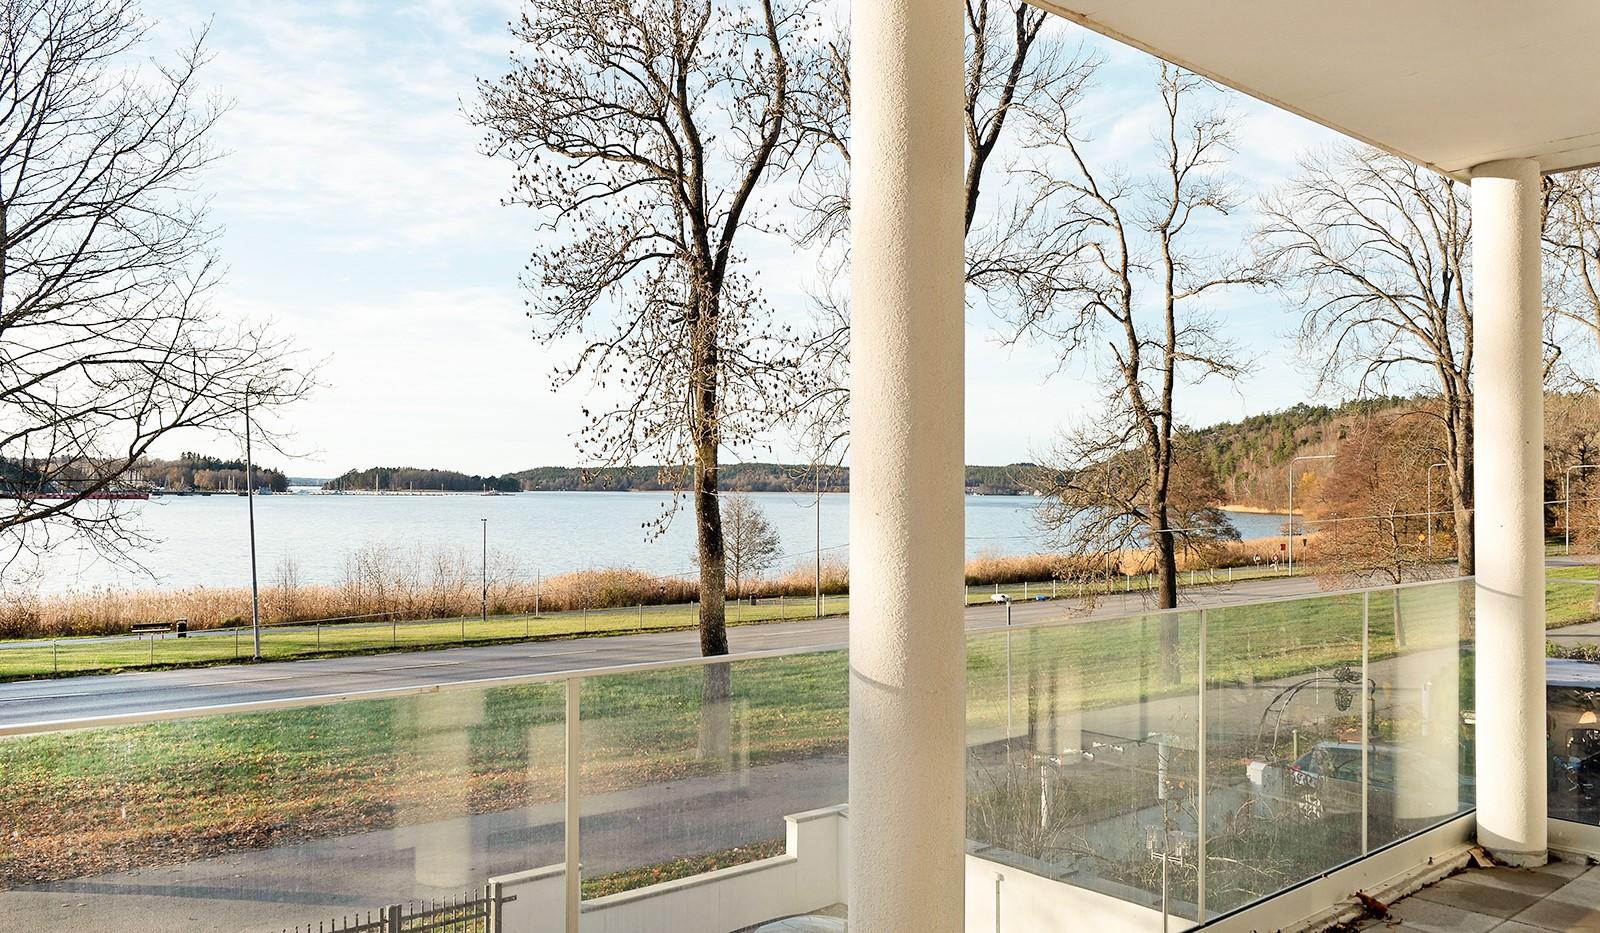 Vårby allé 31, 1tr - Utsikt från balkongen